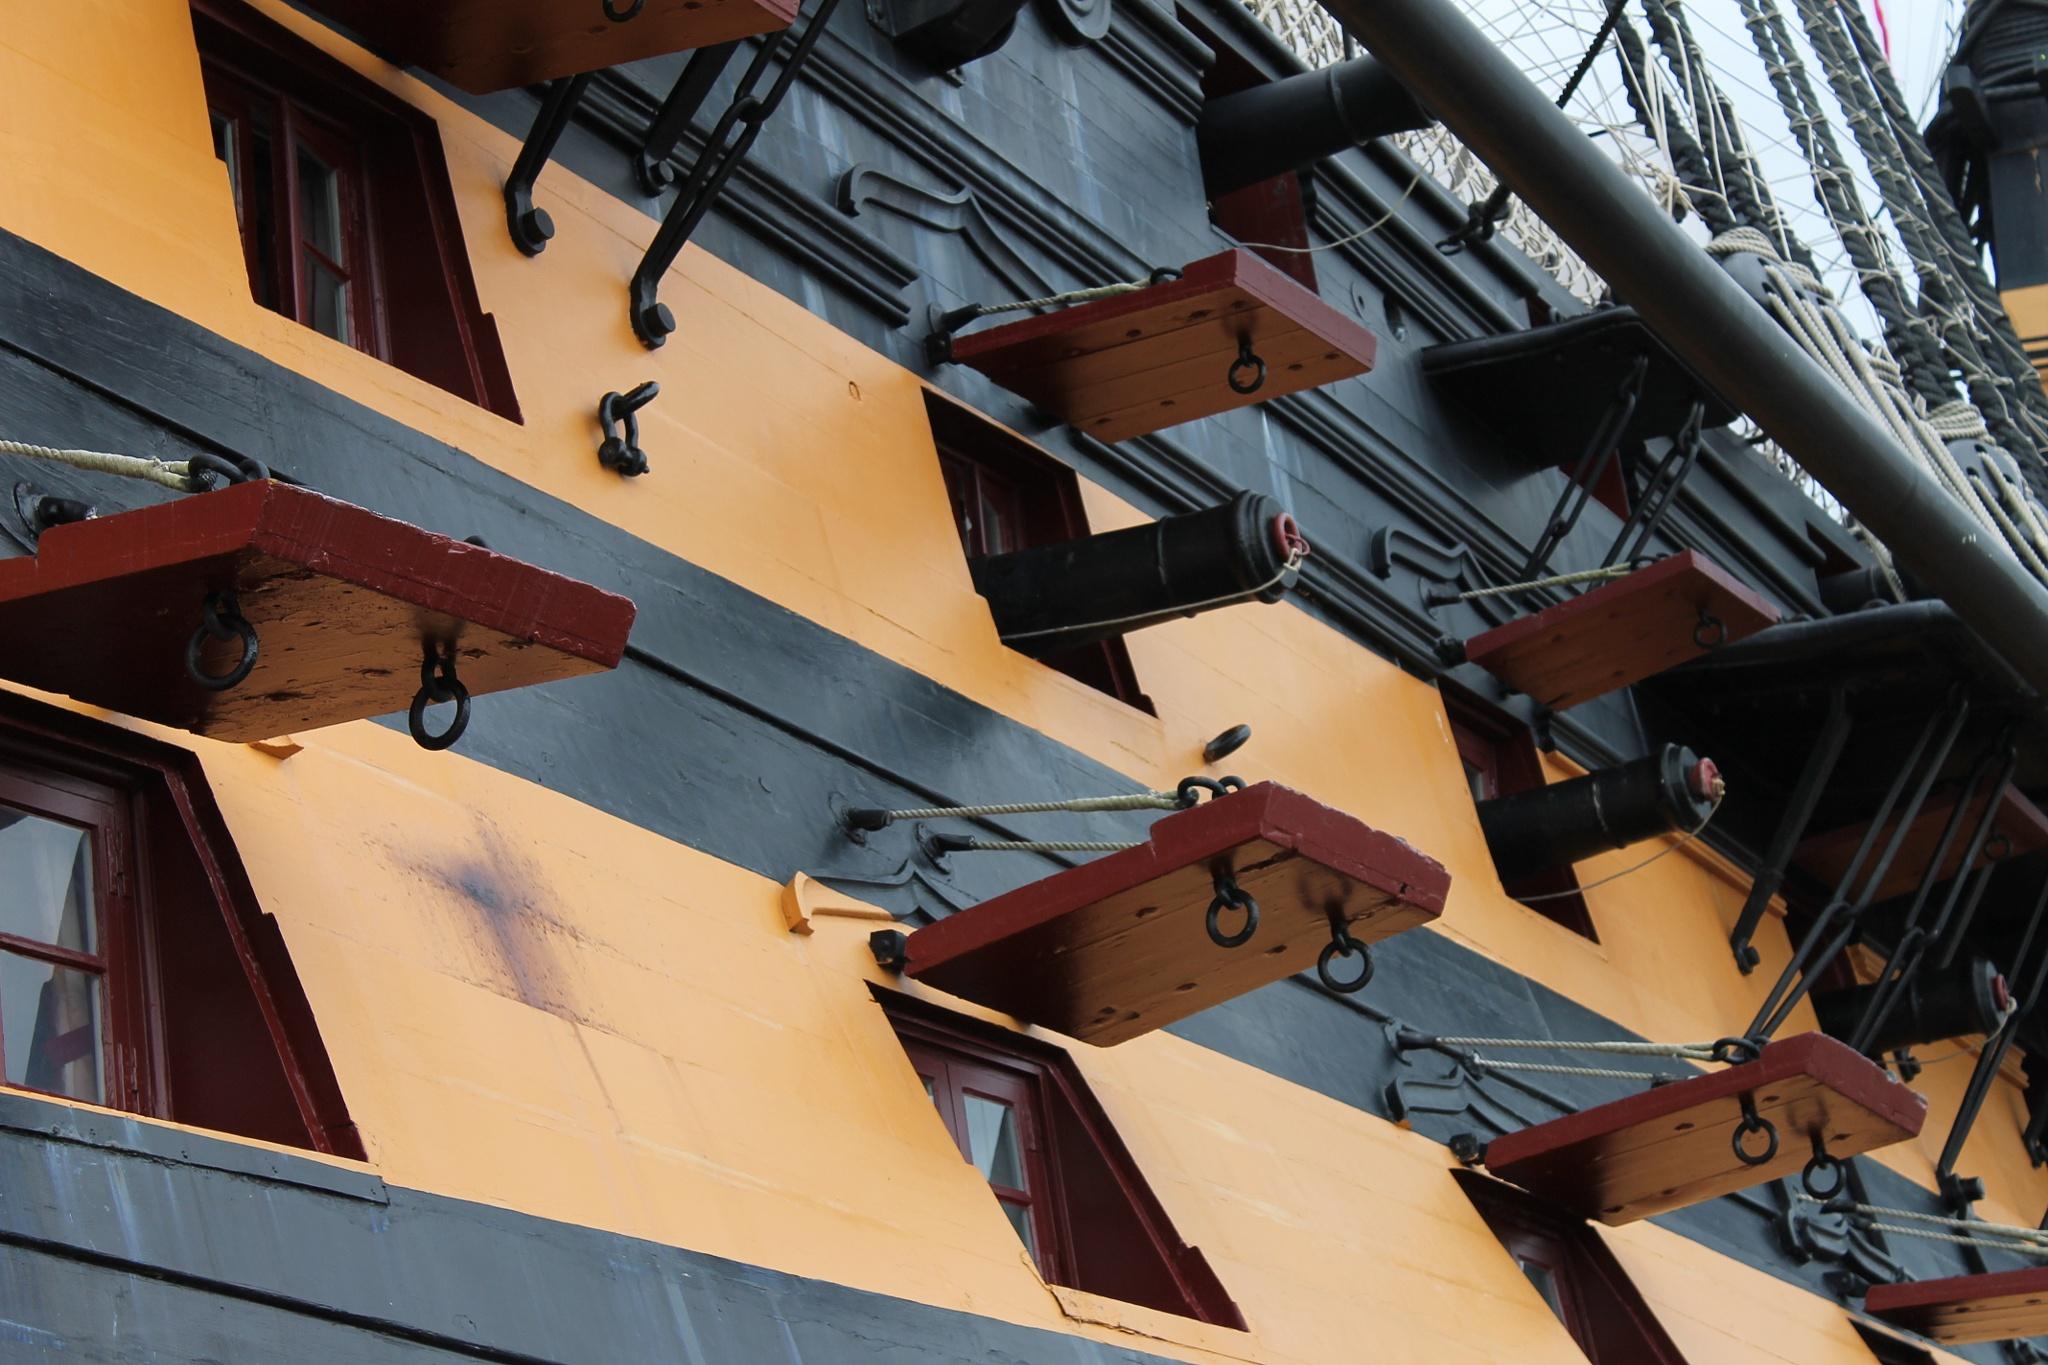 HMS Victory gunports by Tony Bent